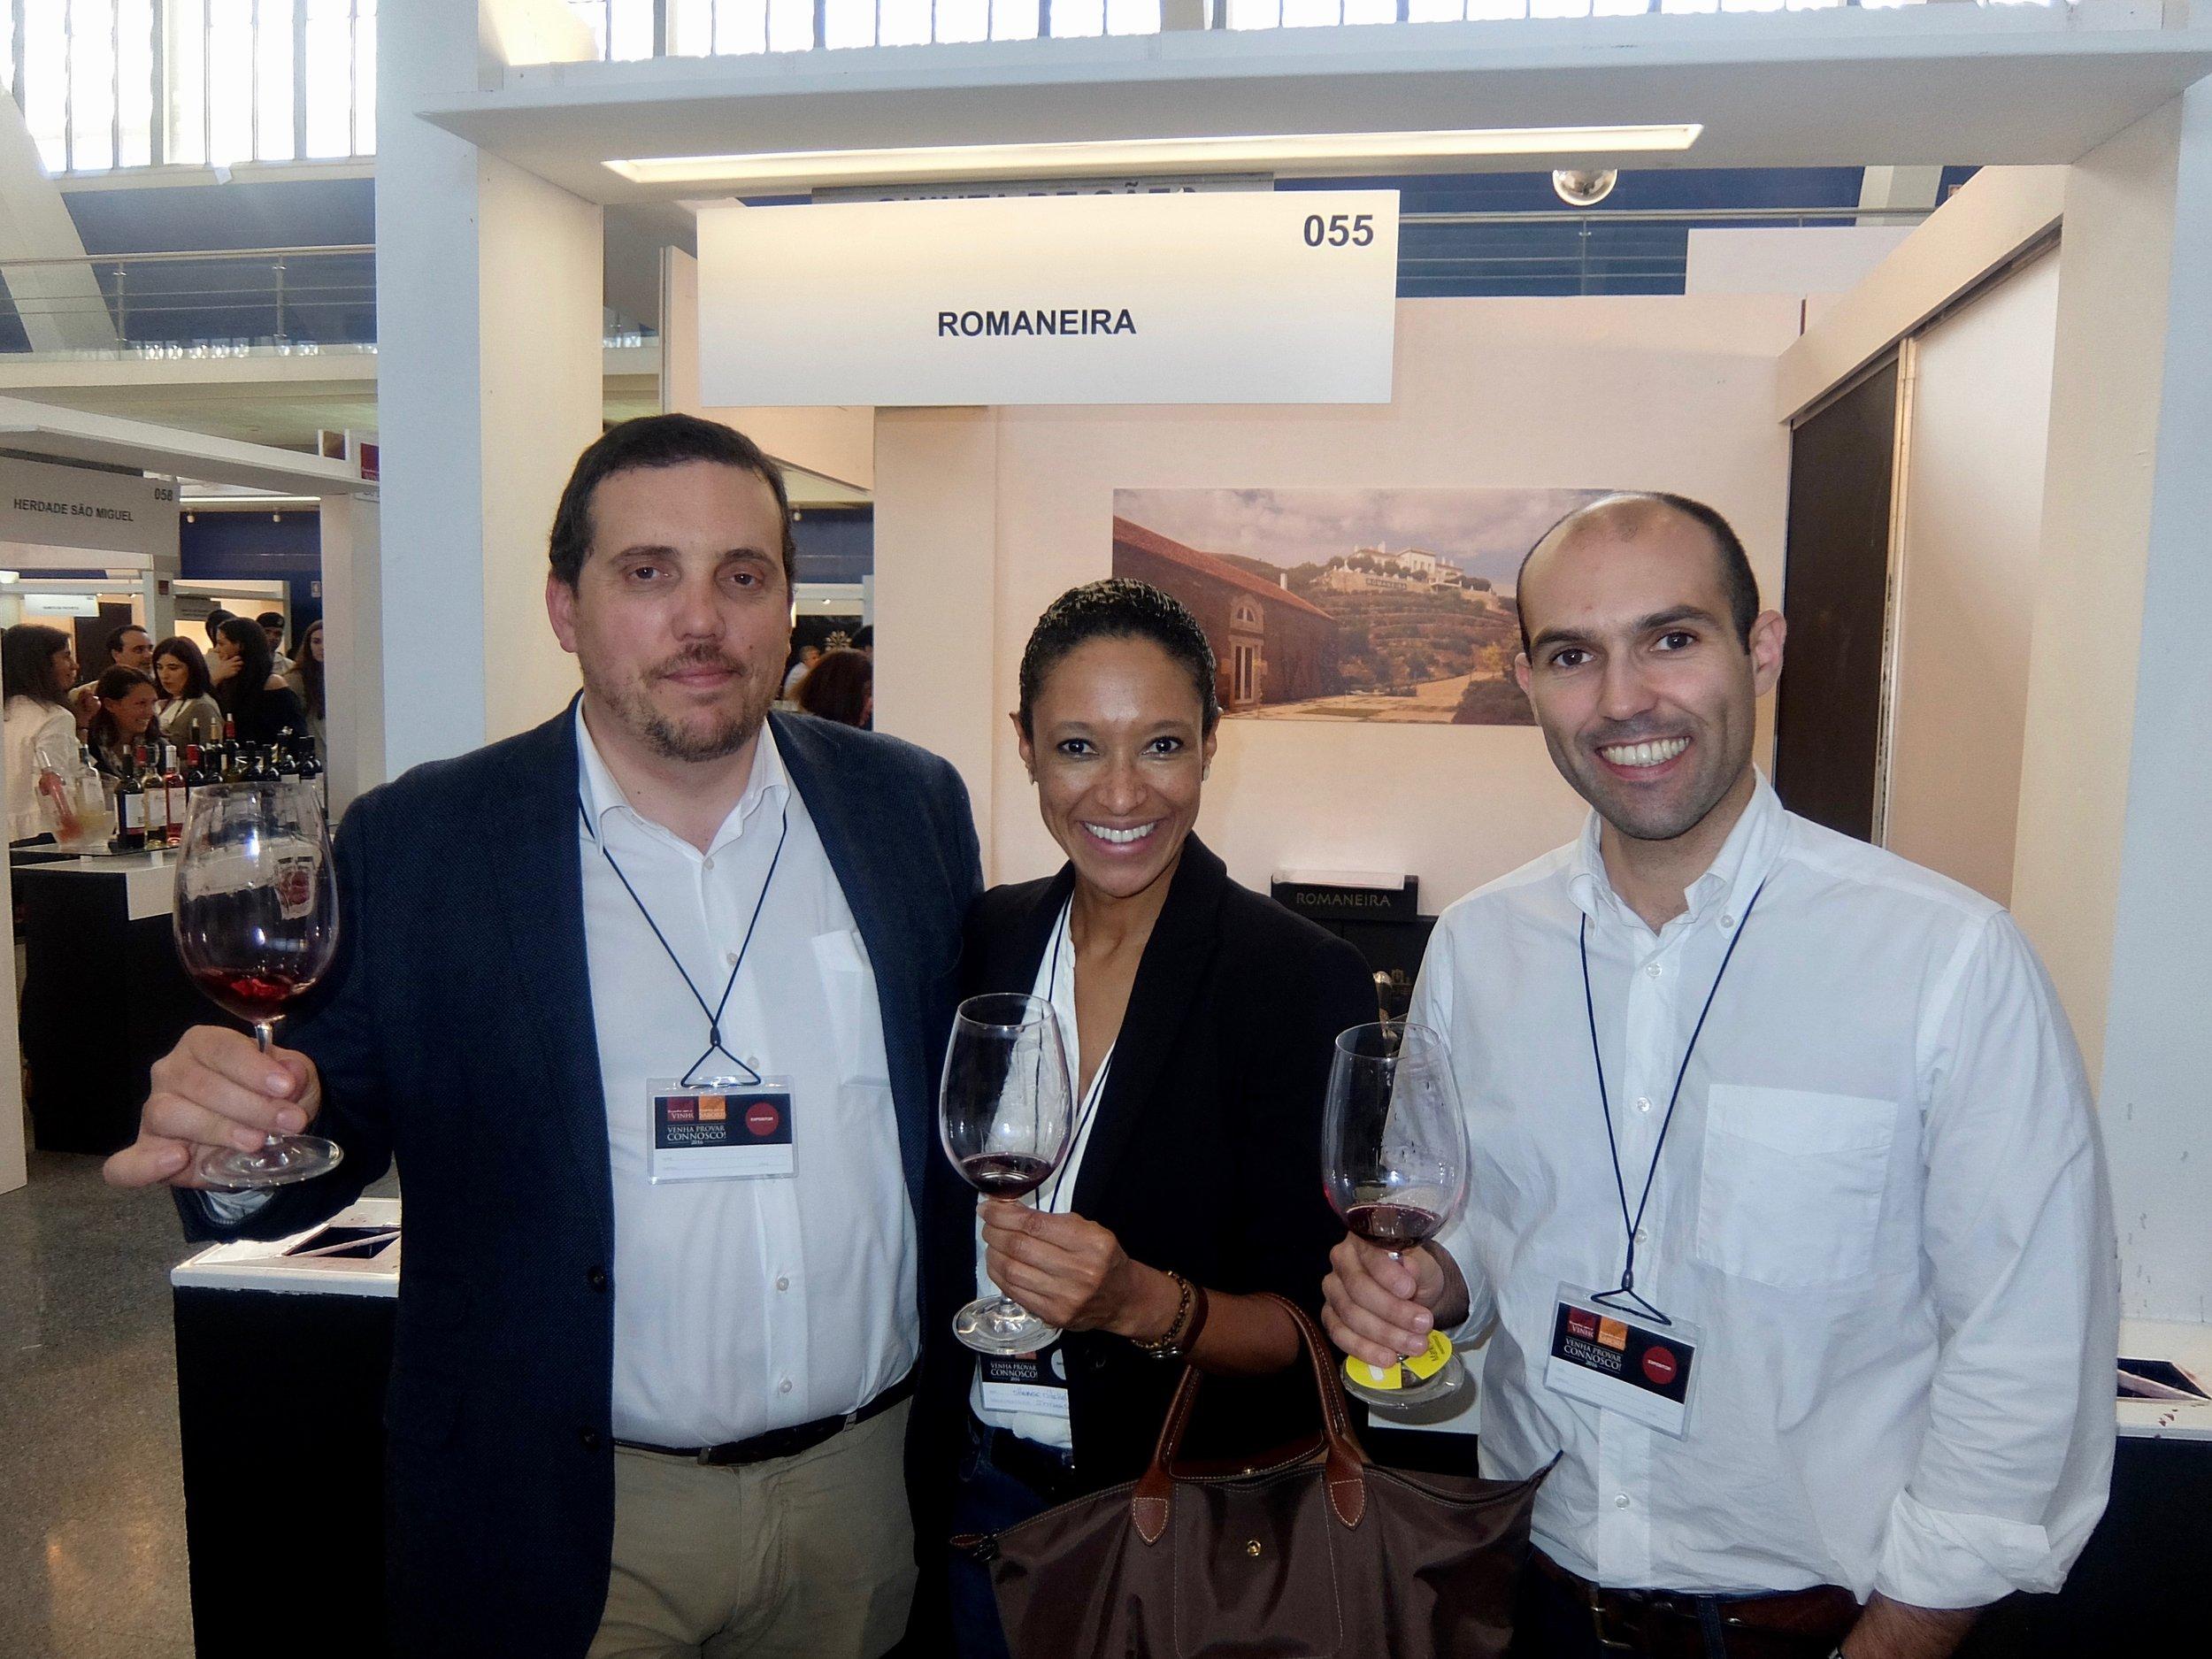 winemaker diogo pereirra and romaneira representative at encontro com o vinho e sabores, lisbon 2016